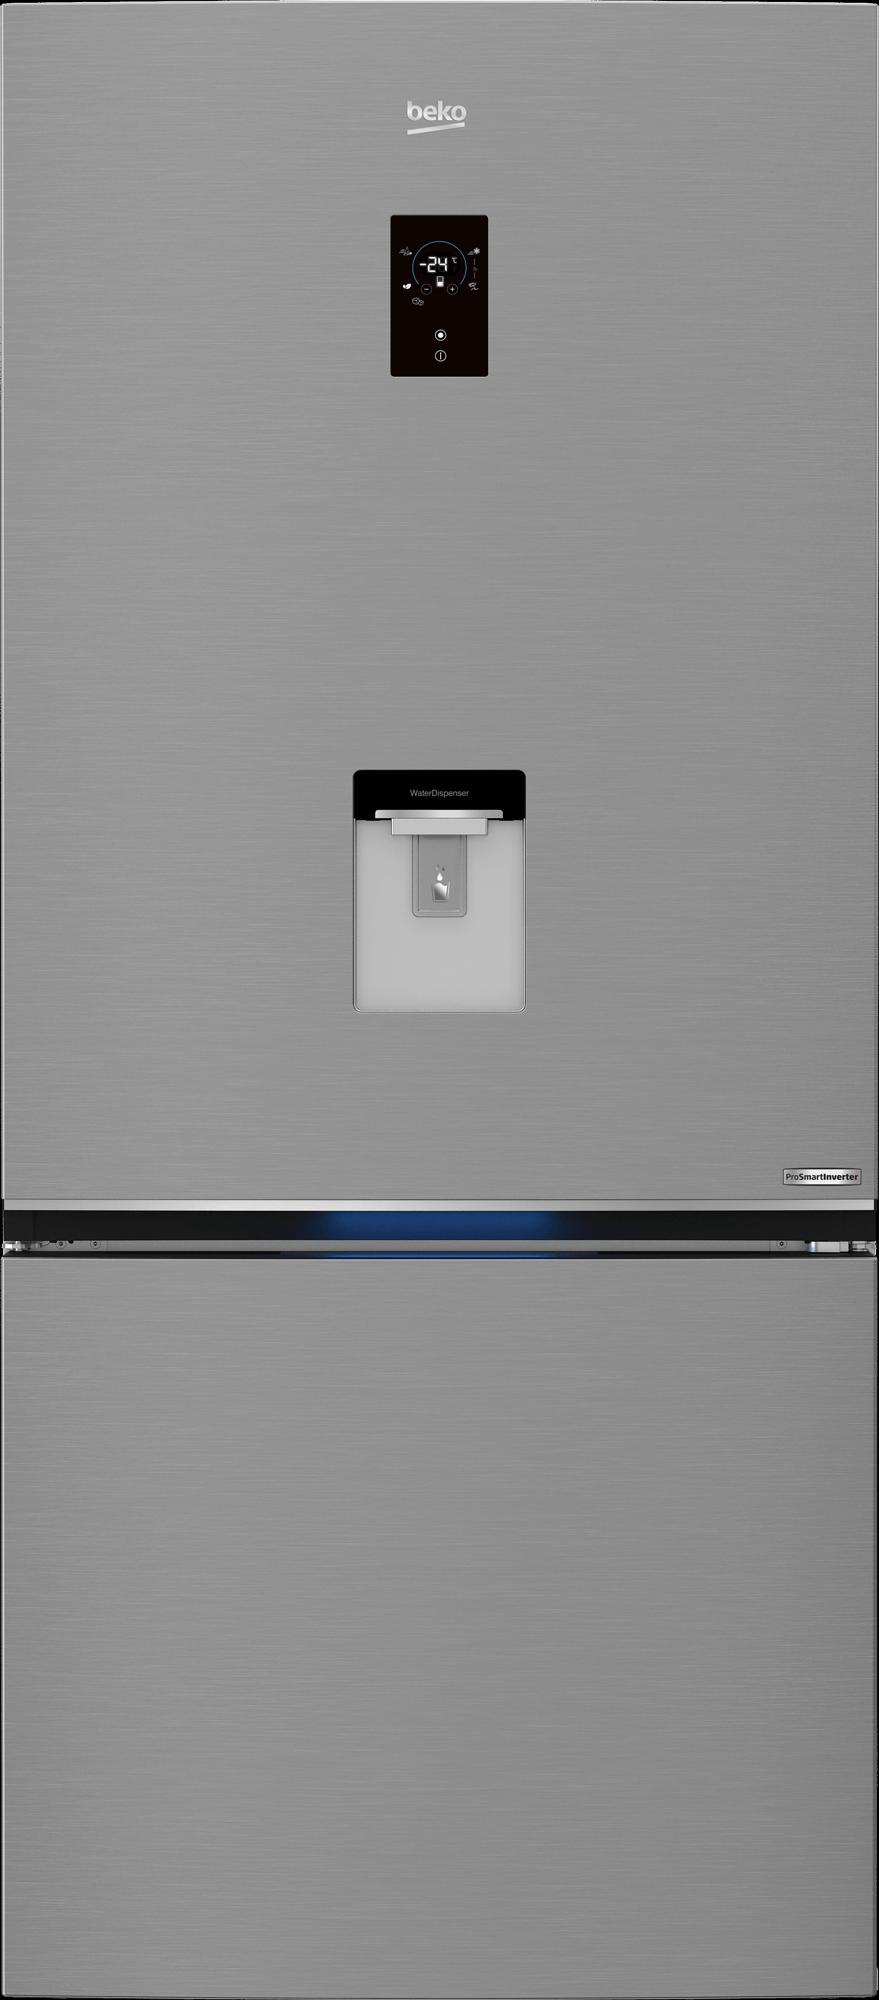 BEKO 720 Liter Bottom Freezer Refrigerator RCNE720E20PX